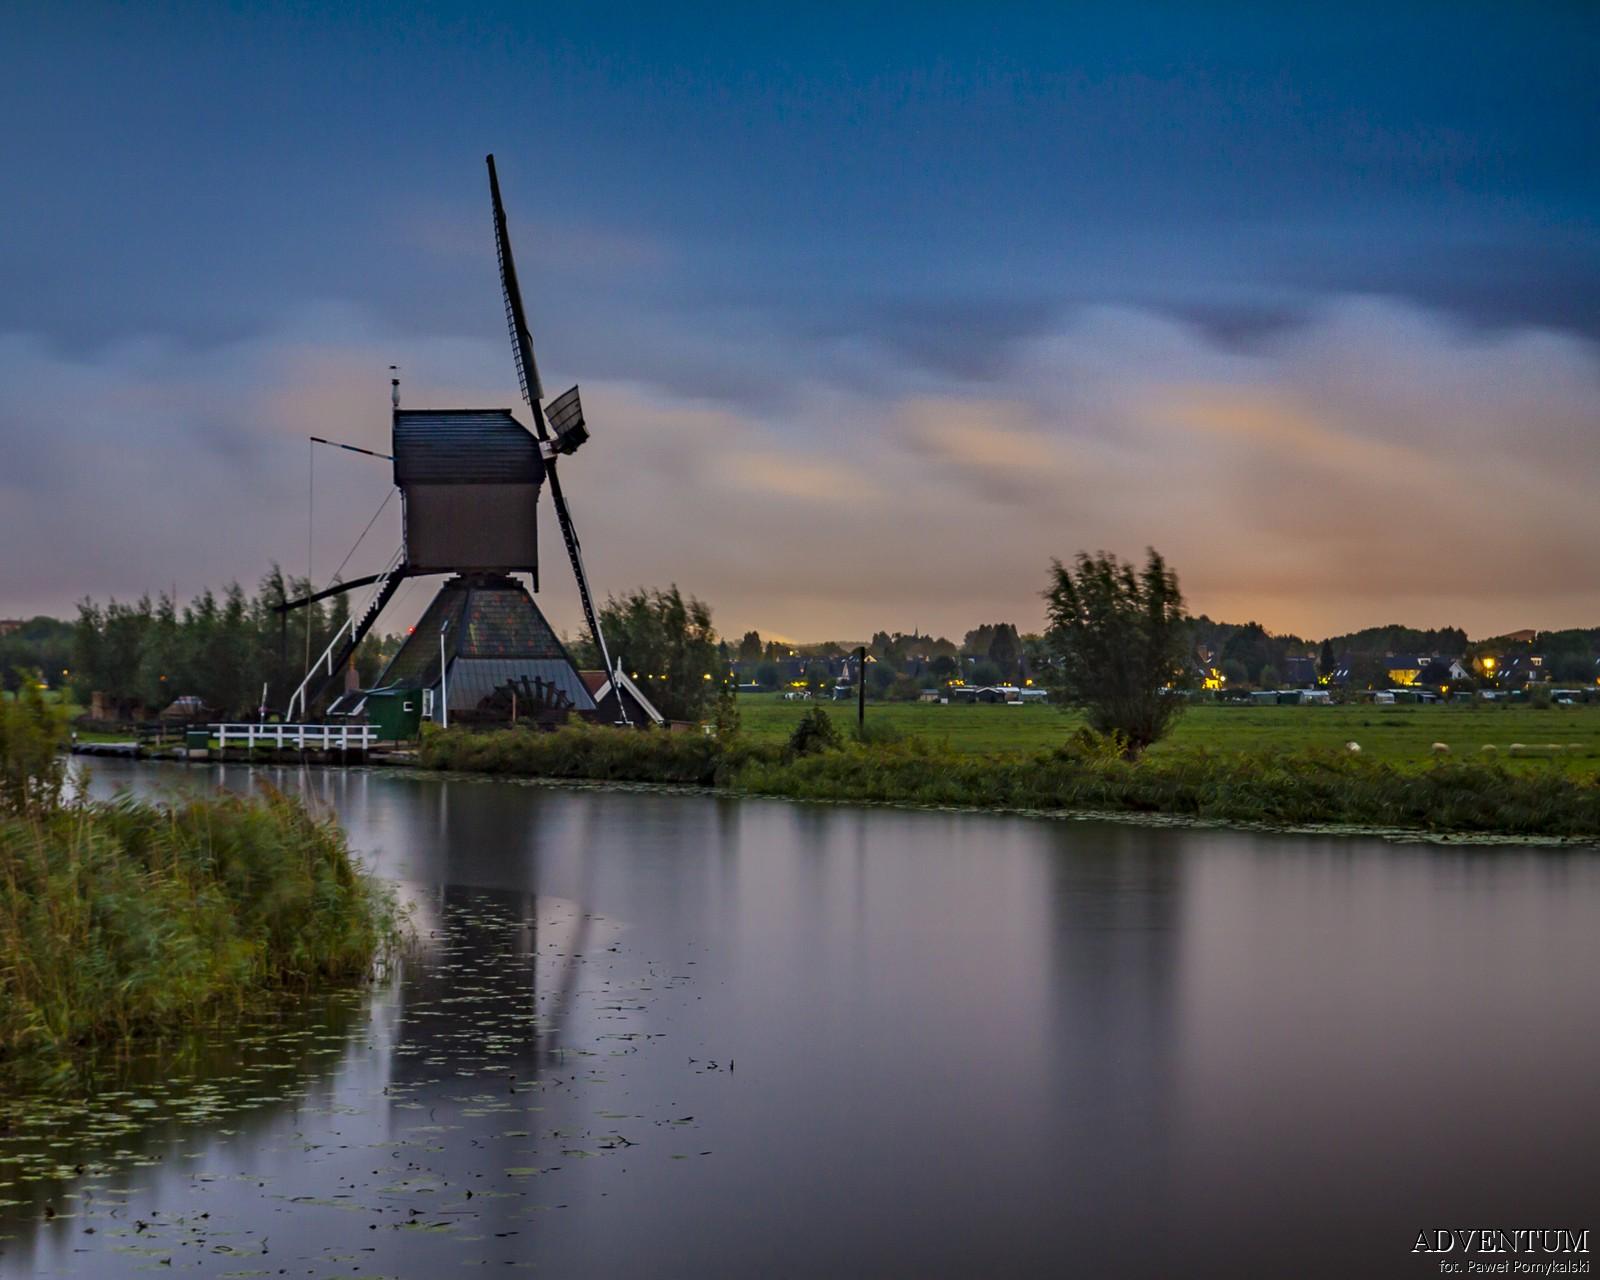 Holandia Kinderdijk Atrakcje Zwiedzanie co Zobaczyć Amsterdam Rotterdam Haga Kanały Wiatraki